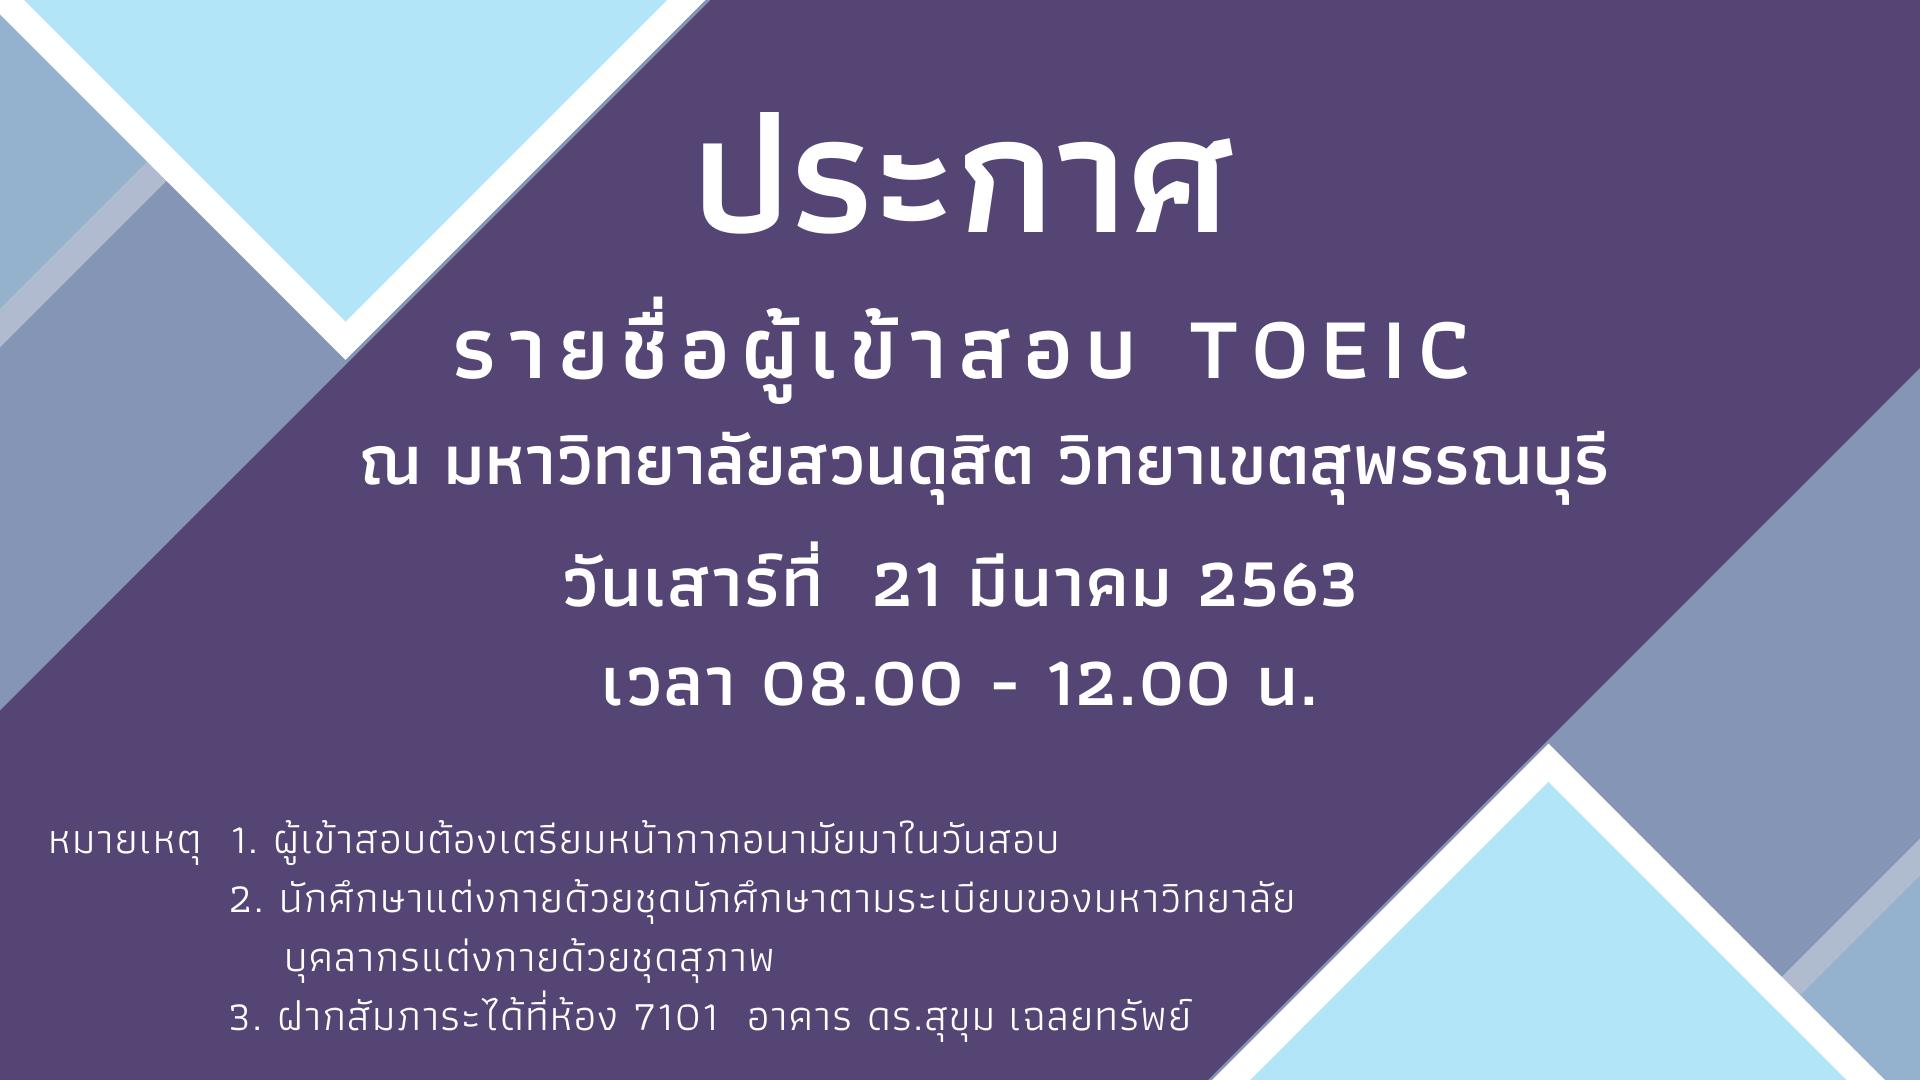 ประกาศ! รายชื่อผู้เข้าสอบ TOEIC วันที่ 21 มีนาคม 2563 (รอบเช้า)